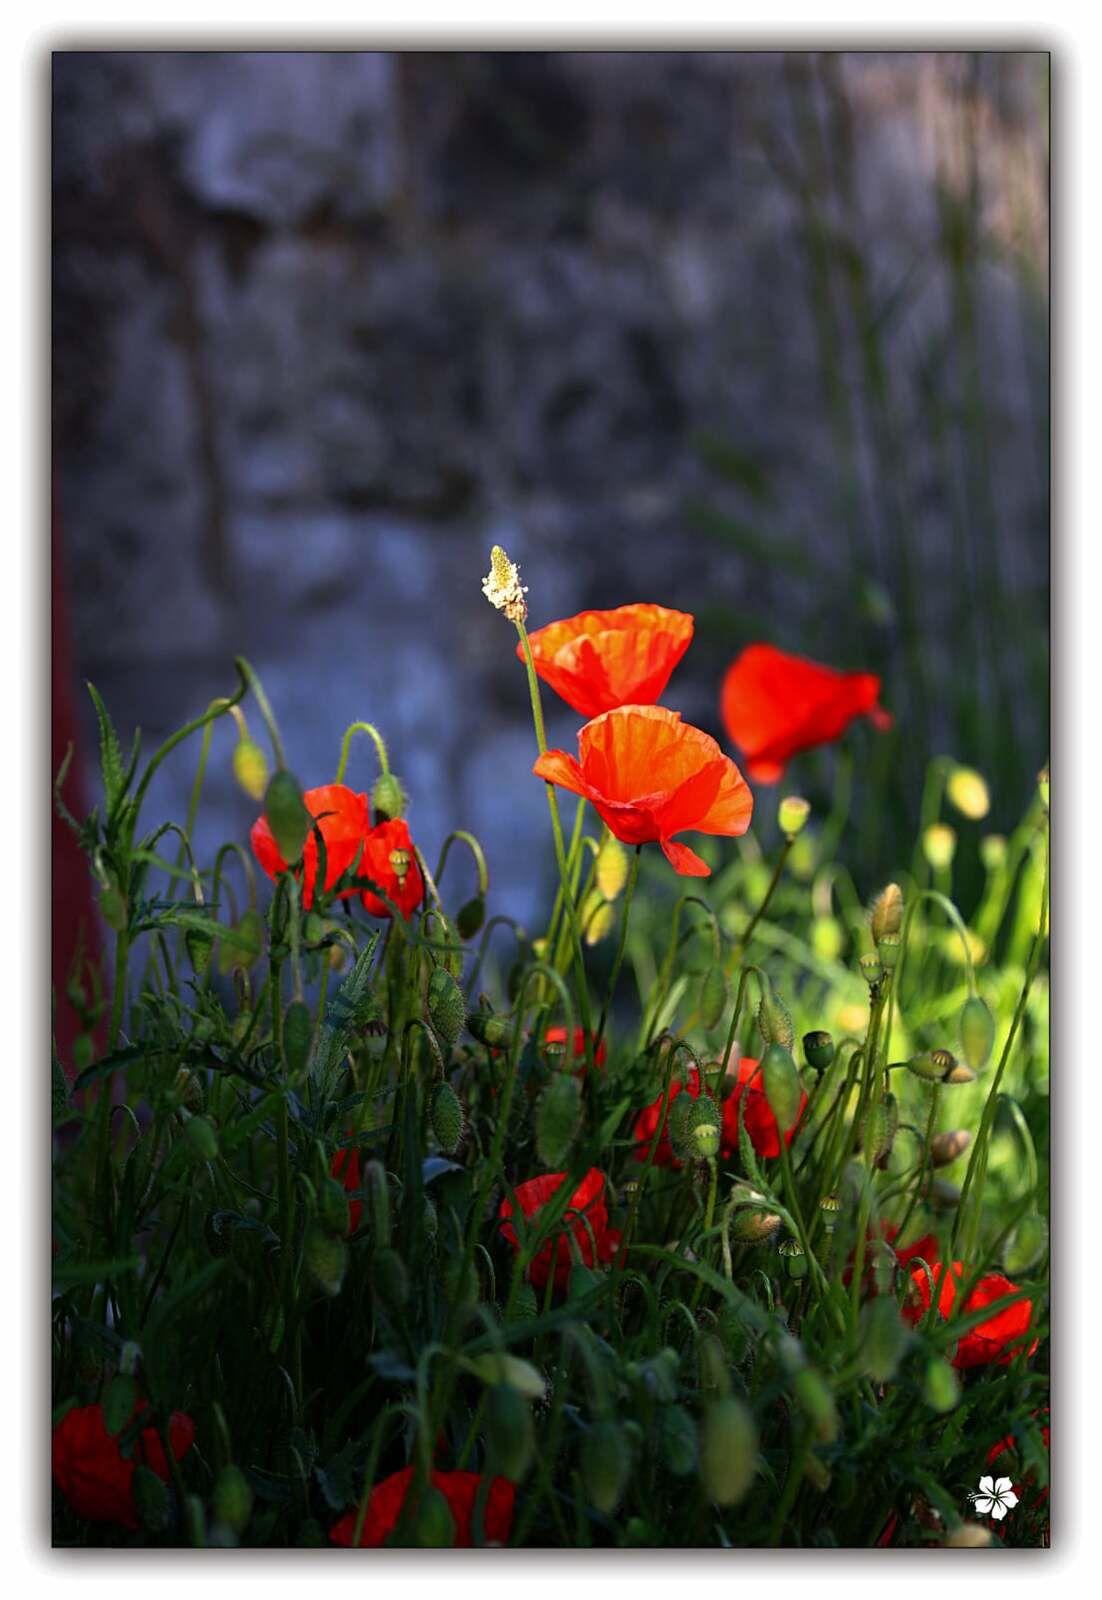 J'aime les fleurs qu'on ne peux pas cueillir, celles qui ne épanouissement qu'en liberté, qui rougissent les prés, réjouissent les yeux, ces orgueilleuses fleurs qui ne vivent que libres. ( INCONNU)